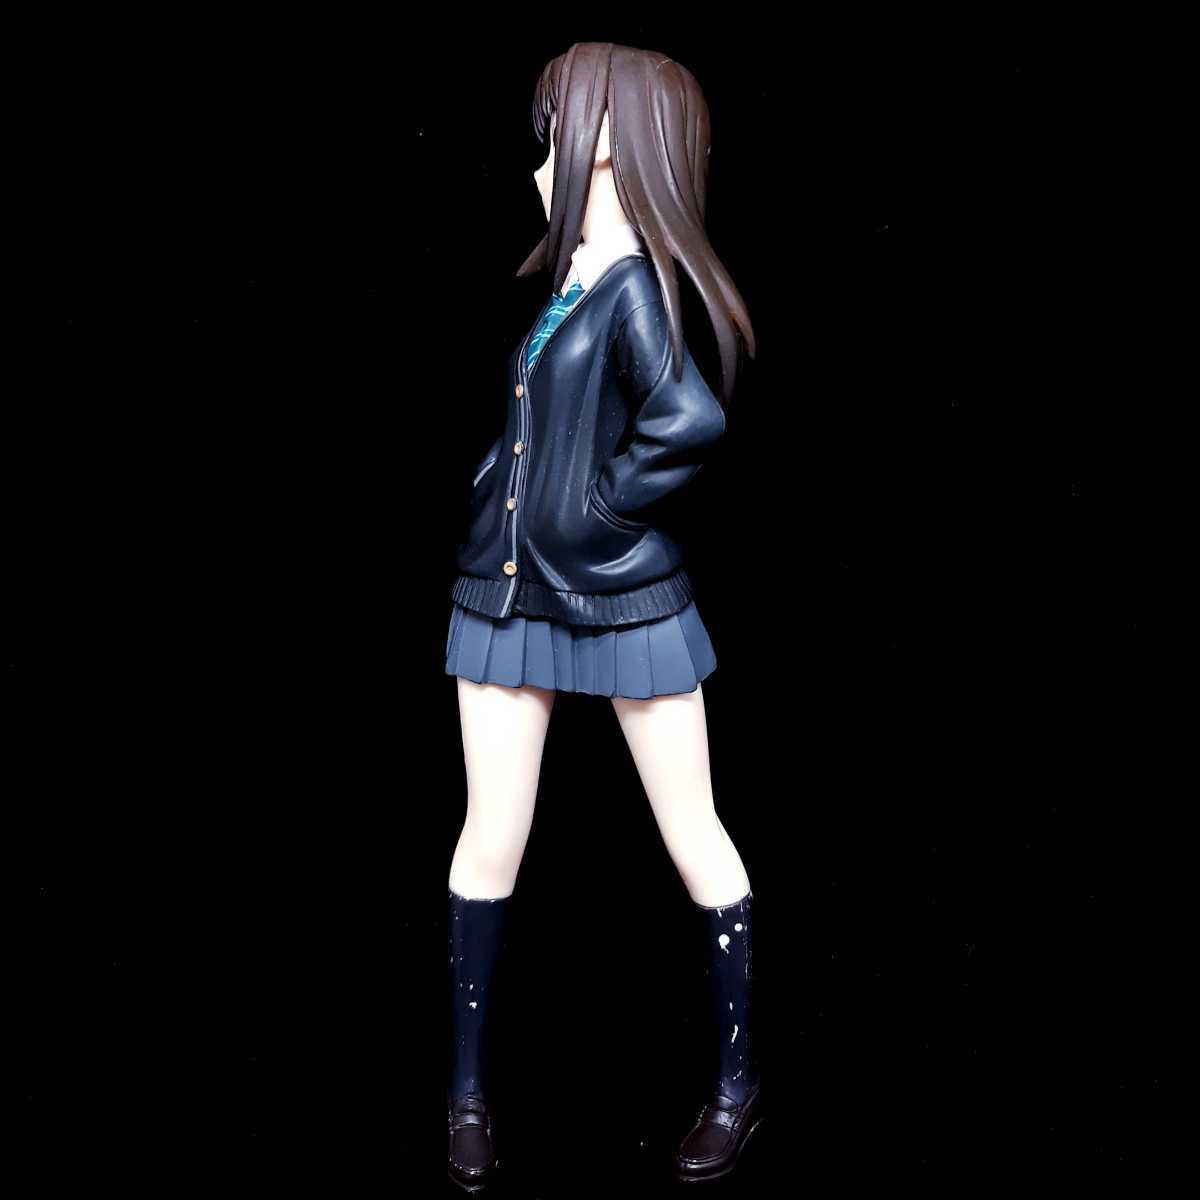 【同梱歓迎】アイドルマスター シンデレラガールズ 渋谷凛 ニュージェネレーションズ フィギュア バンプレスト SQ Quality 箱無 台無 FG186_画像5